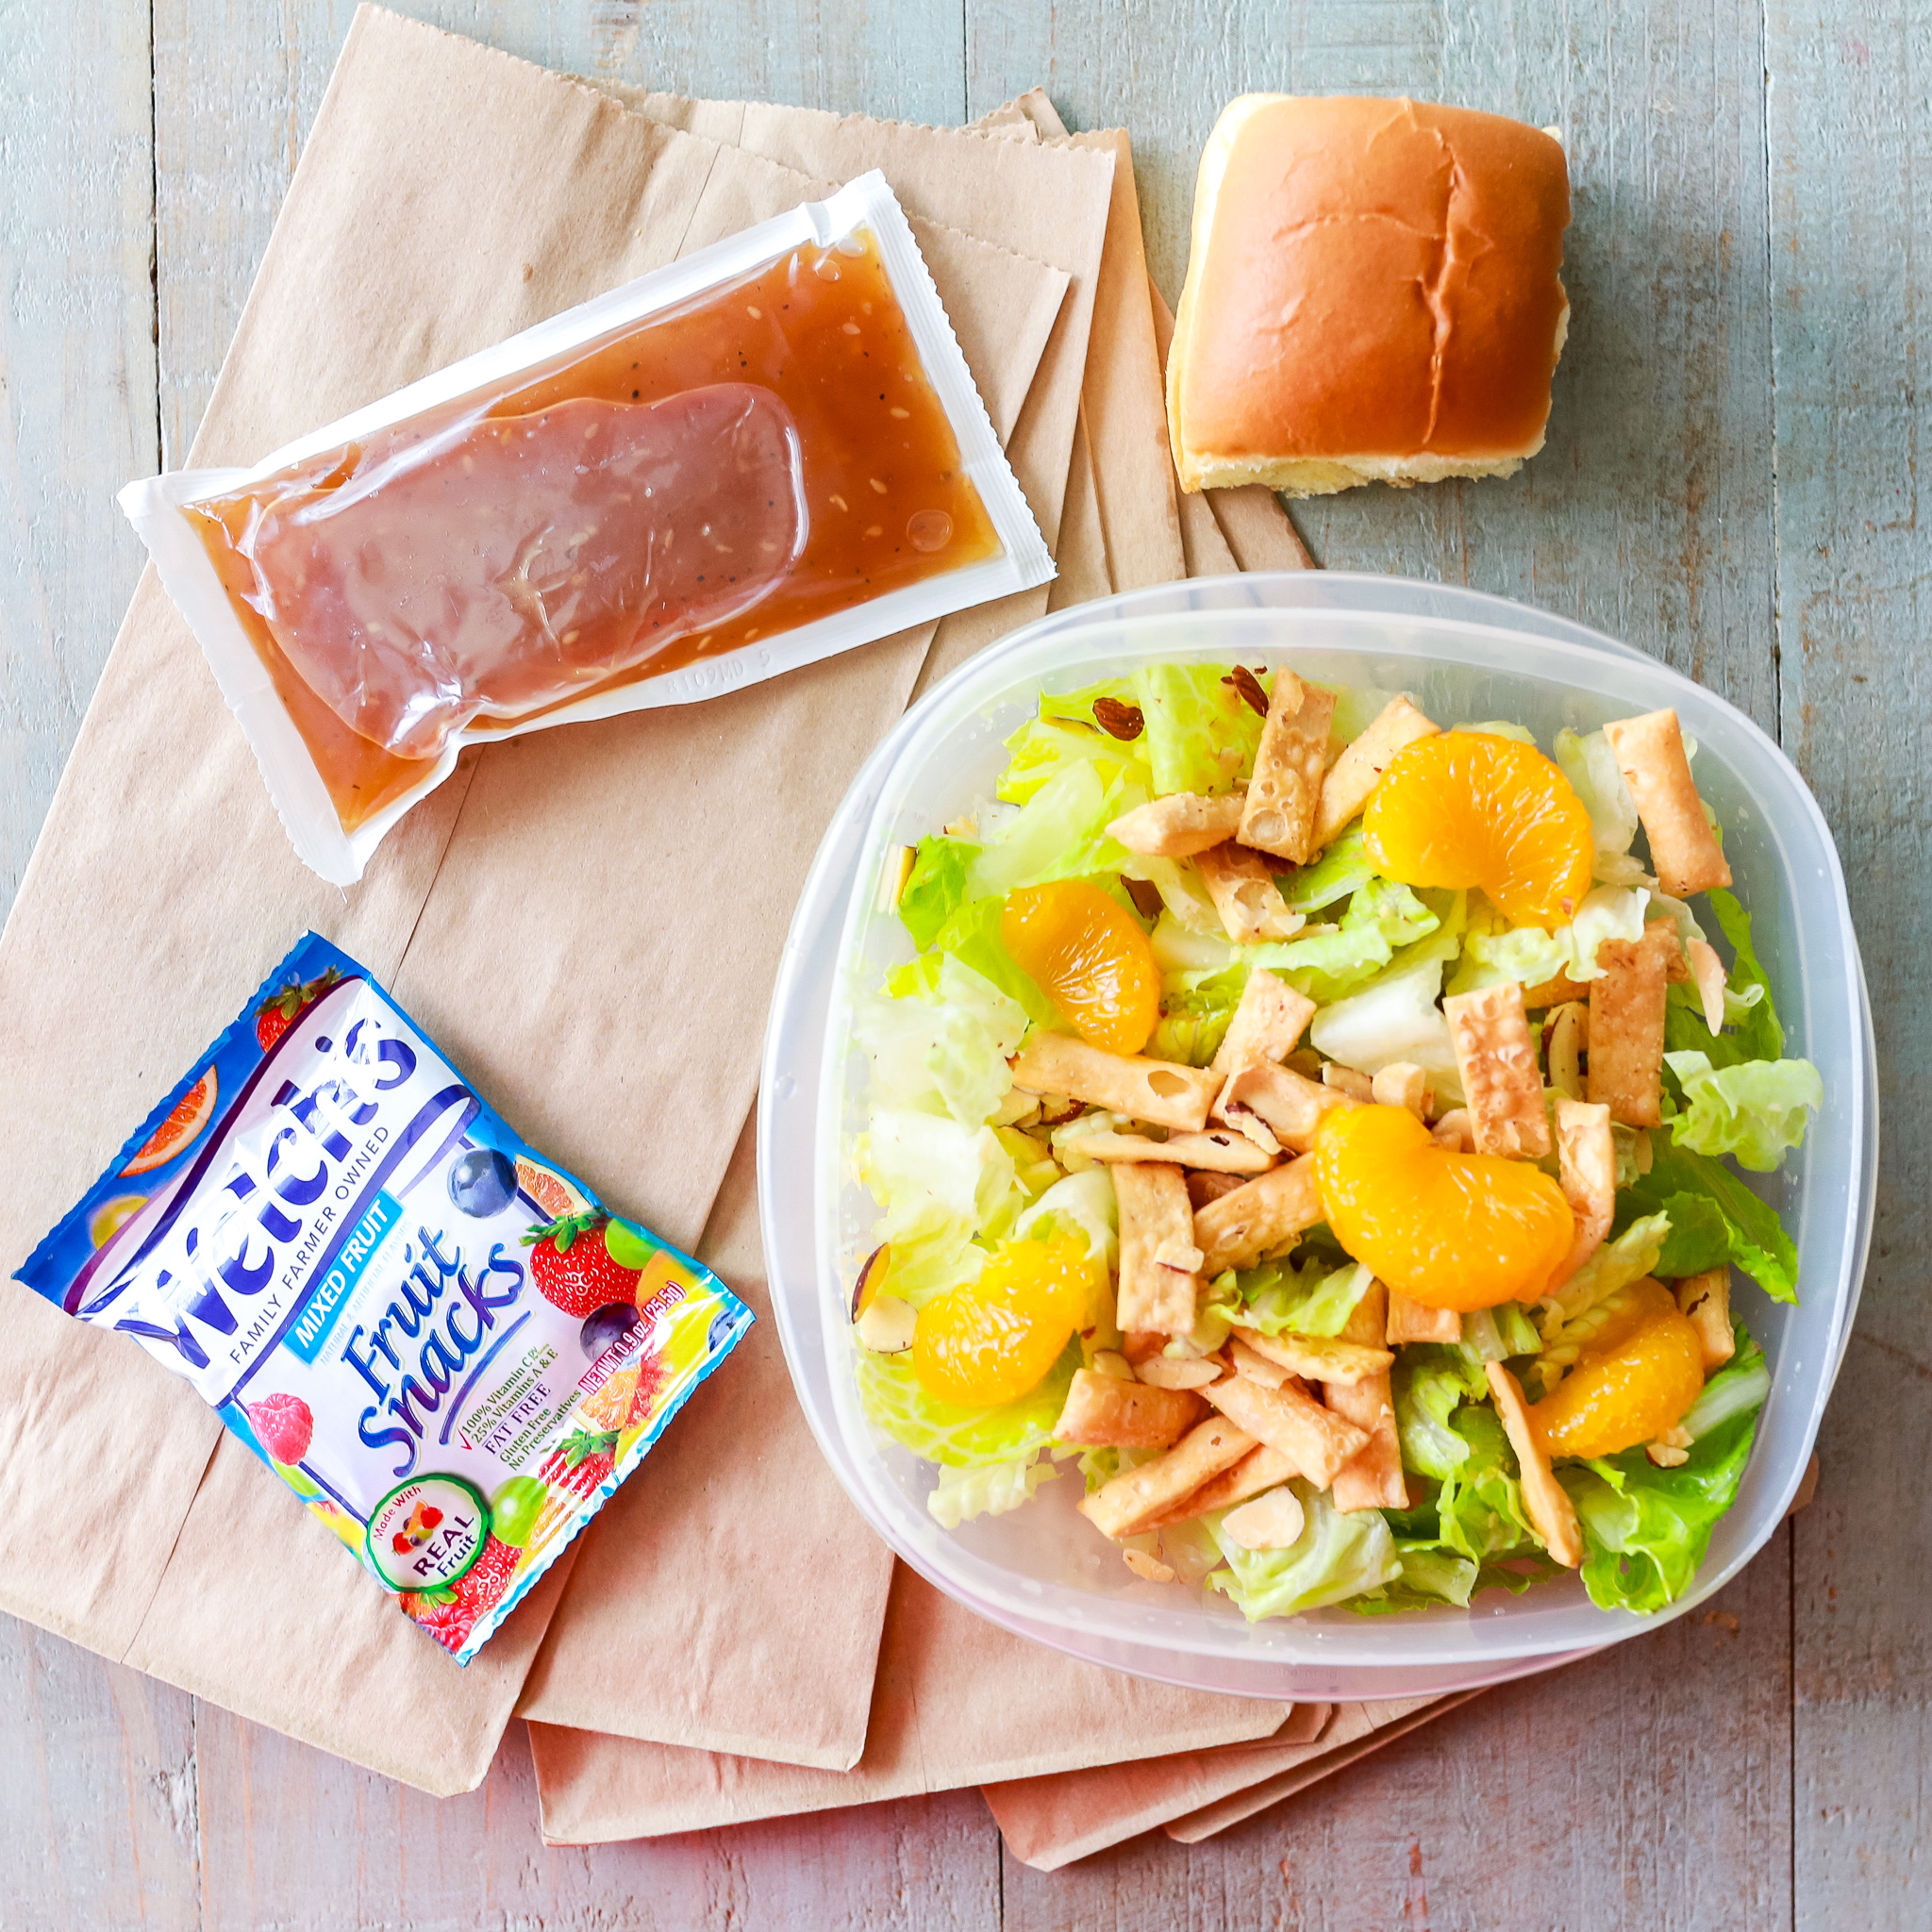 Back to School Lunch Ideas beside a sandwich